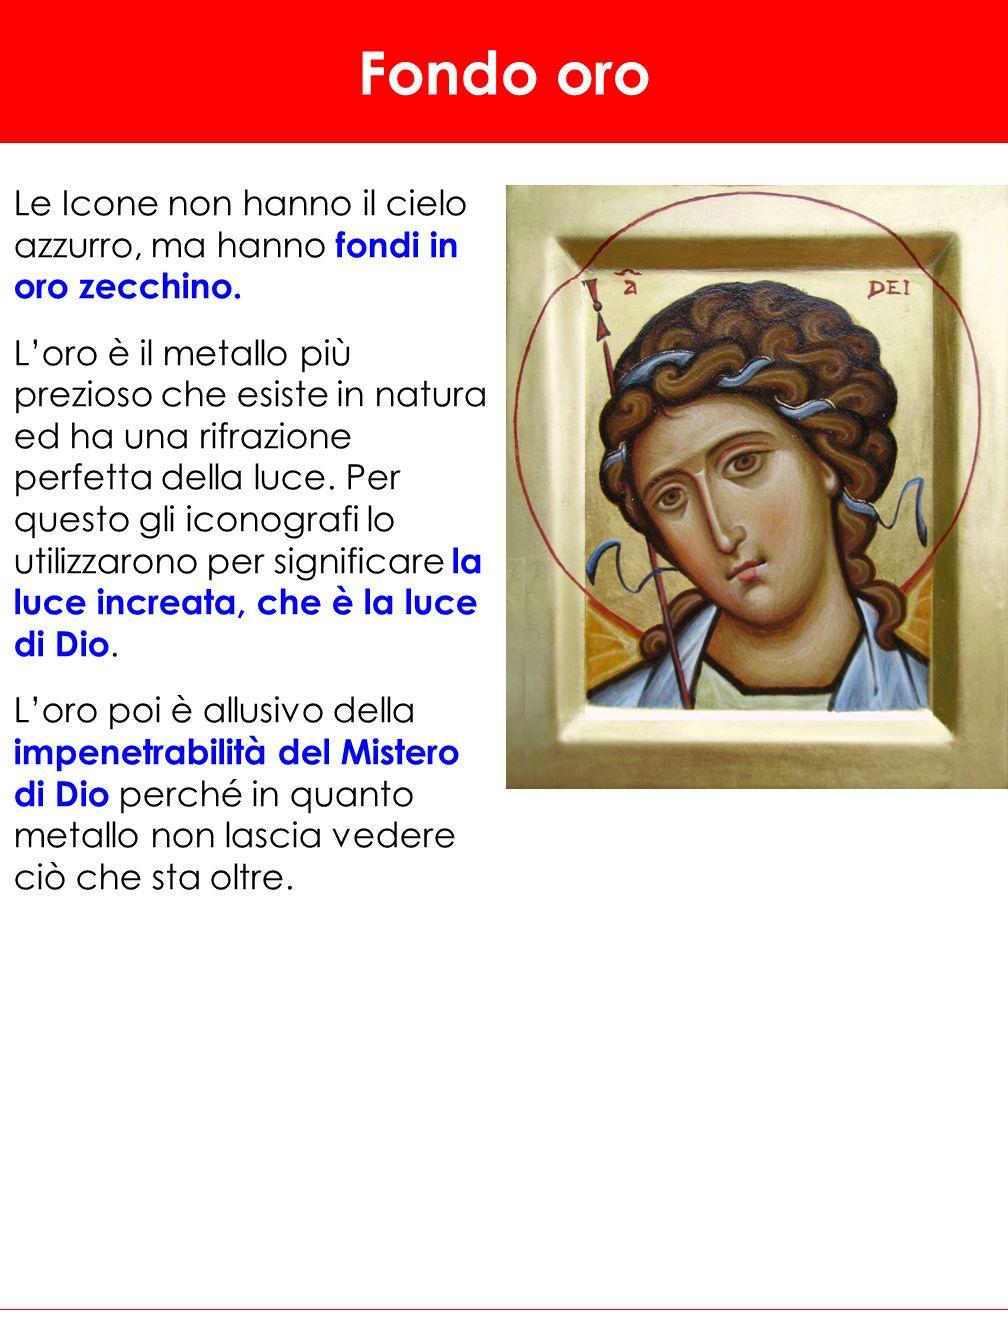 Fondo oroLe Icone non hanno il cielo azzurro, ma hanno fondi in oro zecchino.